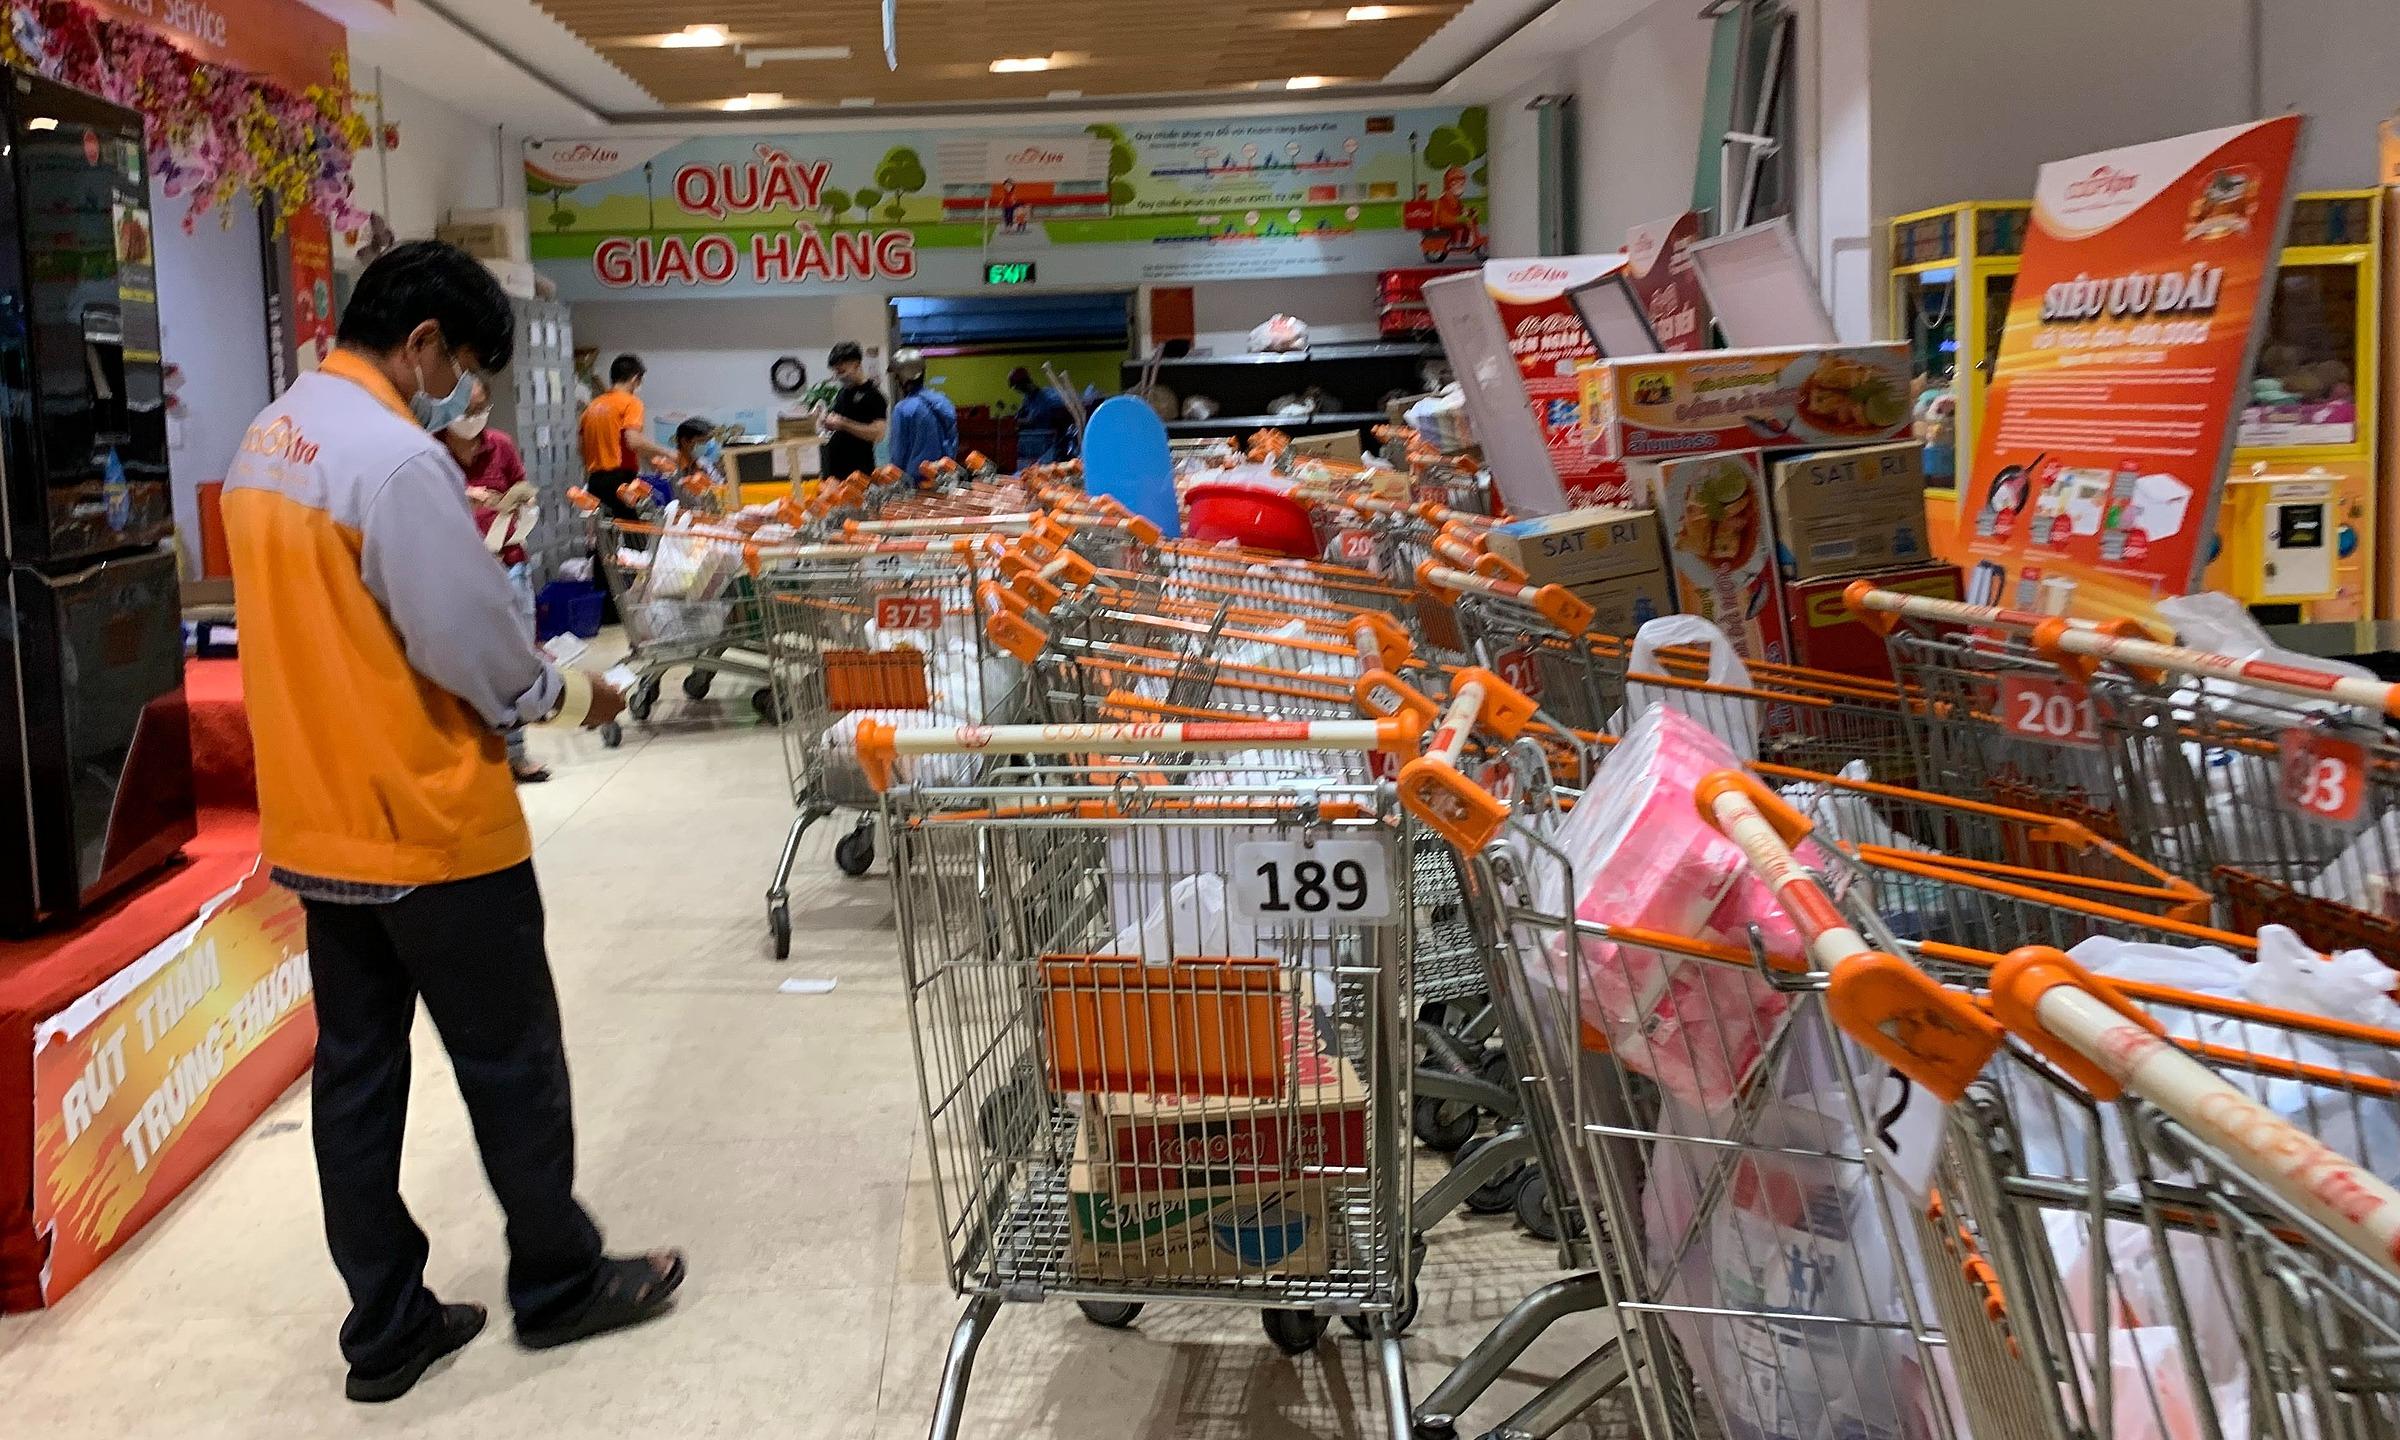 Giỏ đơn hàng xếp hàng loạt chờ giao tại siêu thị Co,op Extra Vạn Hạnh Mall (quận 10, TP HCM) chiều ngày 7/7. Ảnh: Viễn Thông